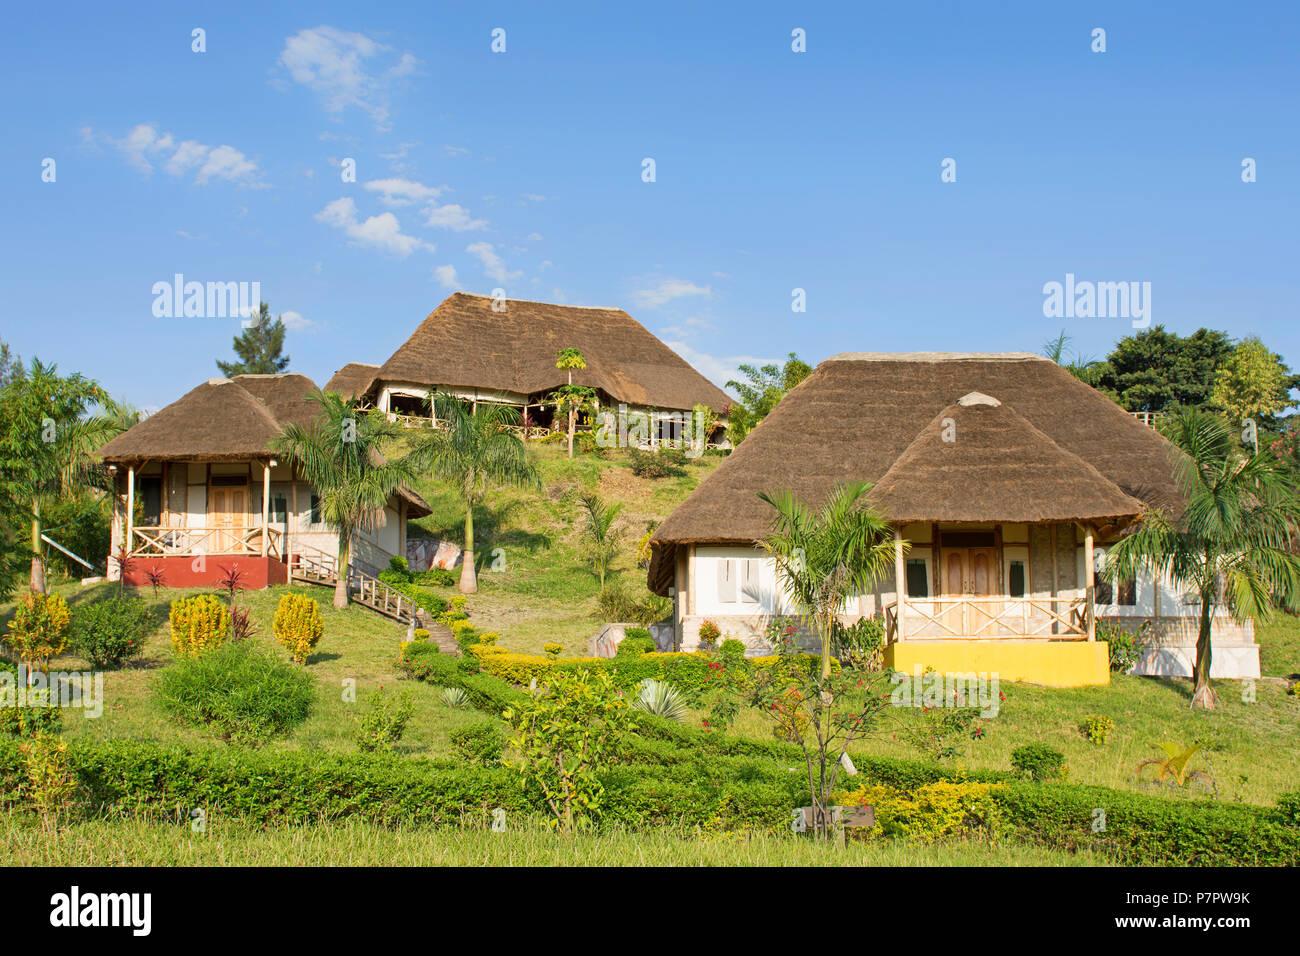 Safari Lodge Resort, babuino Safari Resort justo fuera del Parque Nacional Queen Elizabeth en Kyambura Escapment, Uganda, África Oriental Imagen De Stock